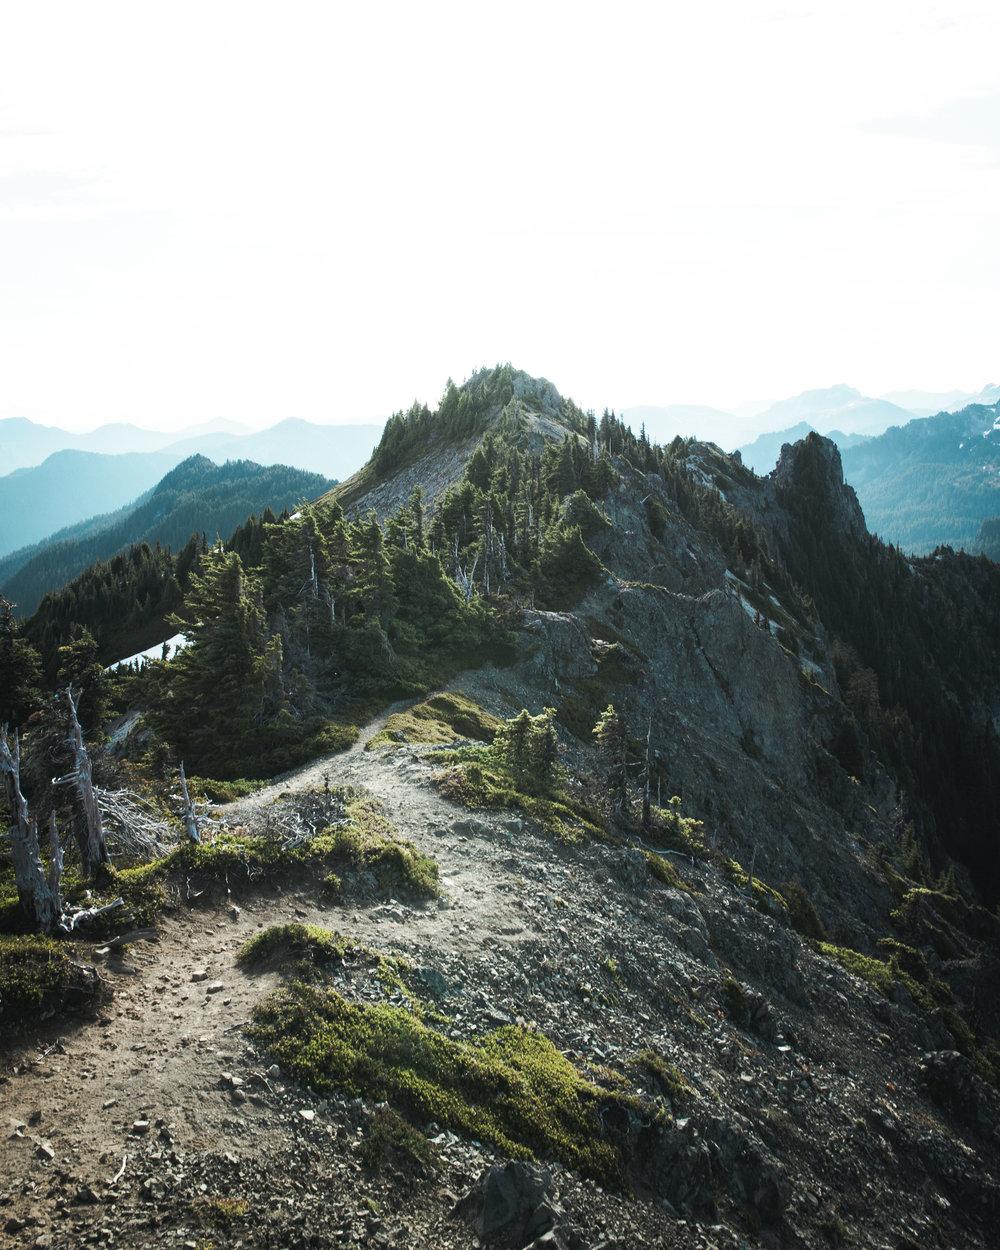 Tolmie peak hike-22.jpg